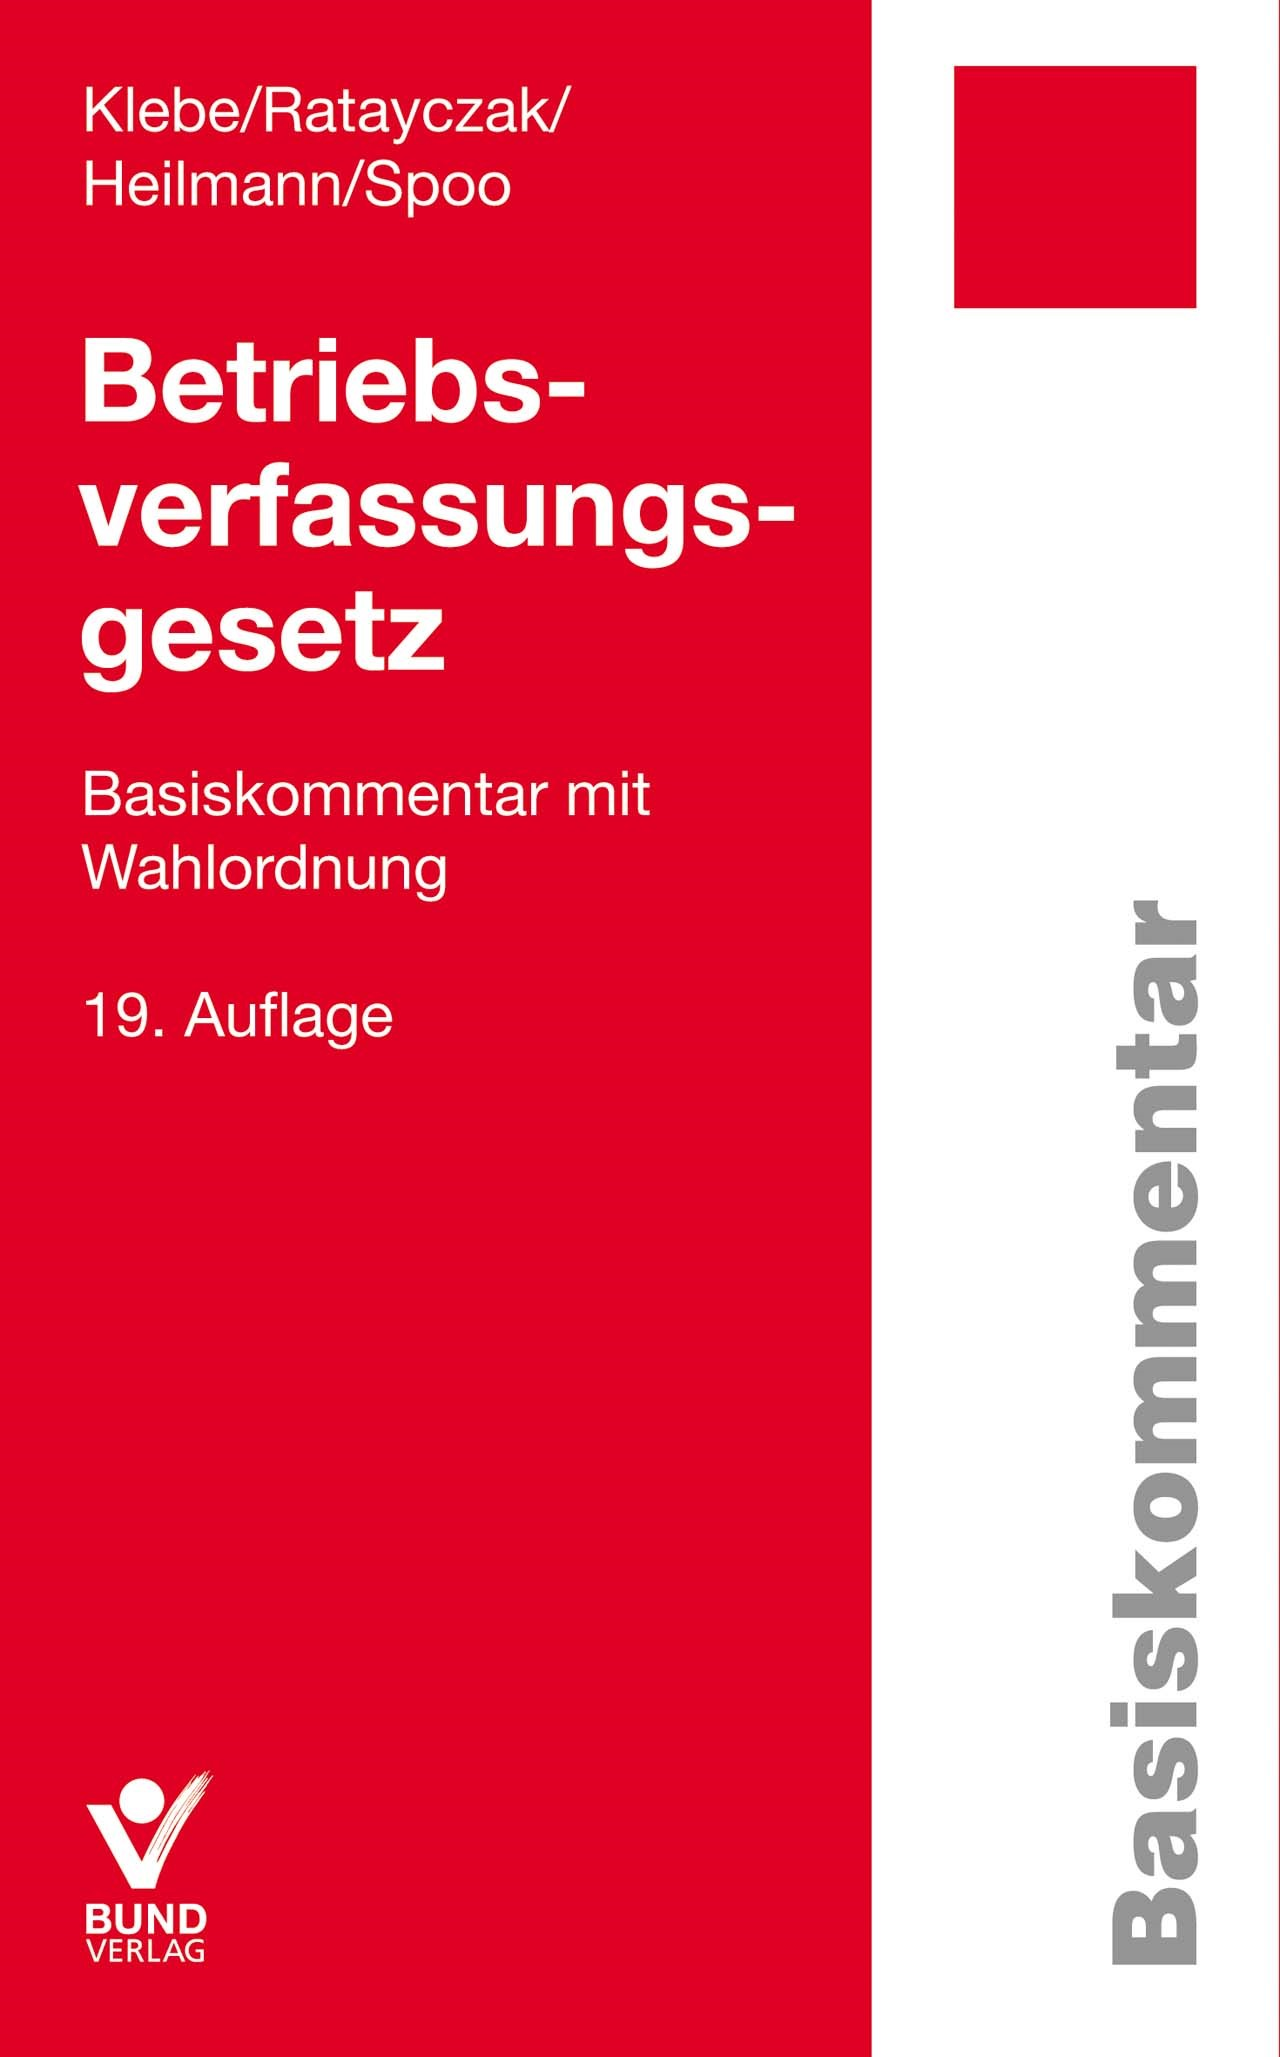 Betriebsverfassungsgesetz (BetrVG) | Klebe / Ratayczak / Heilmann / Spoo | 19. Auflage, 2016 | Buch (Cover)